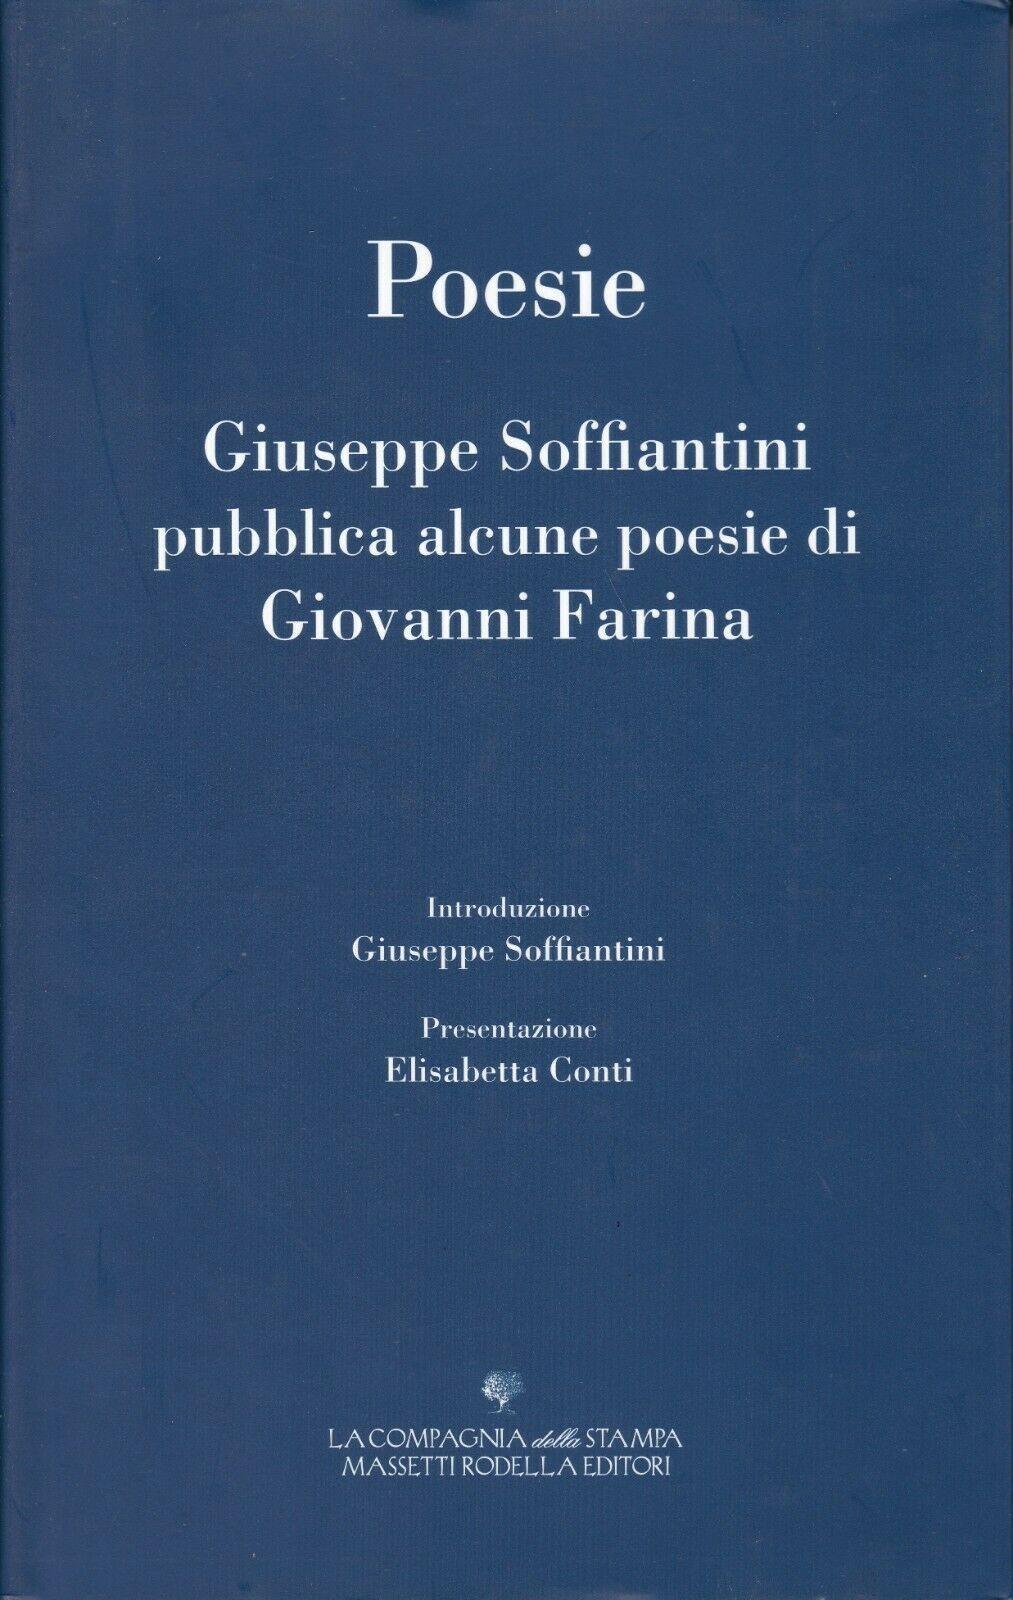 Giuseppe Soffiantini (l'imprenditore sequestrato) pubblica alcune poesie di Giovanni Farina (cioè il suo rapitore)